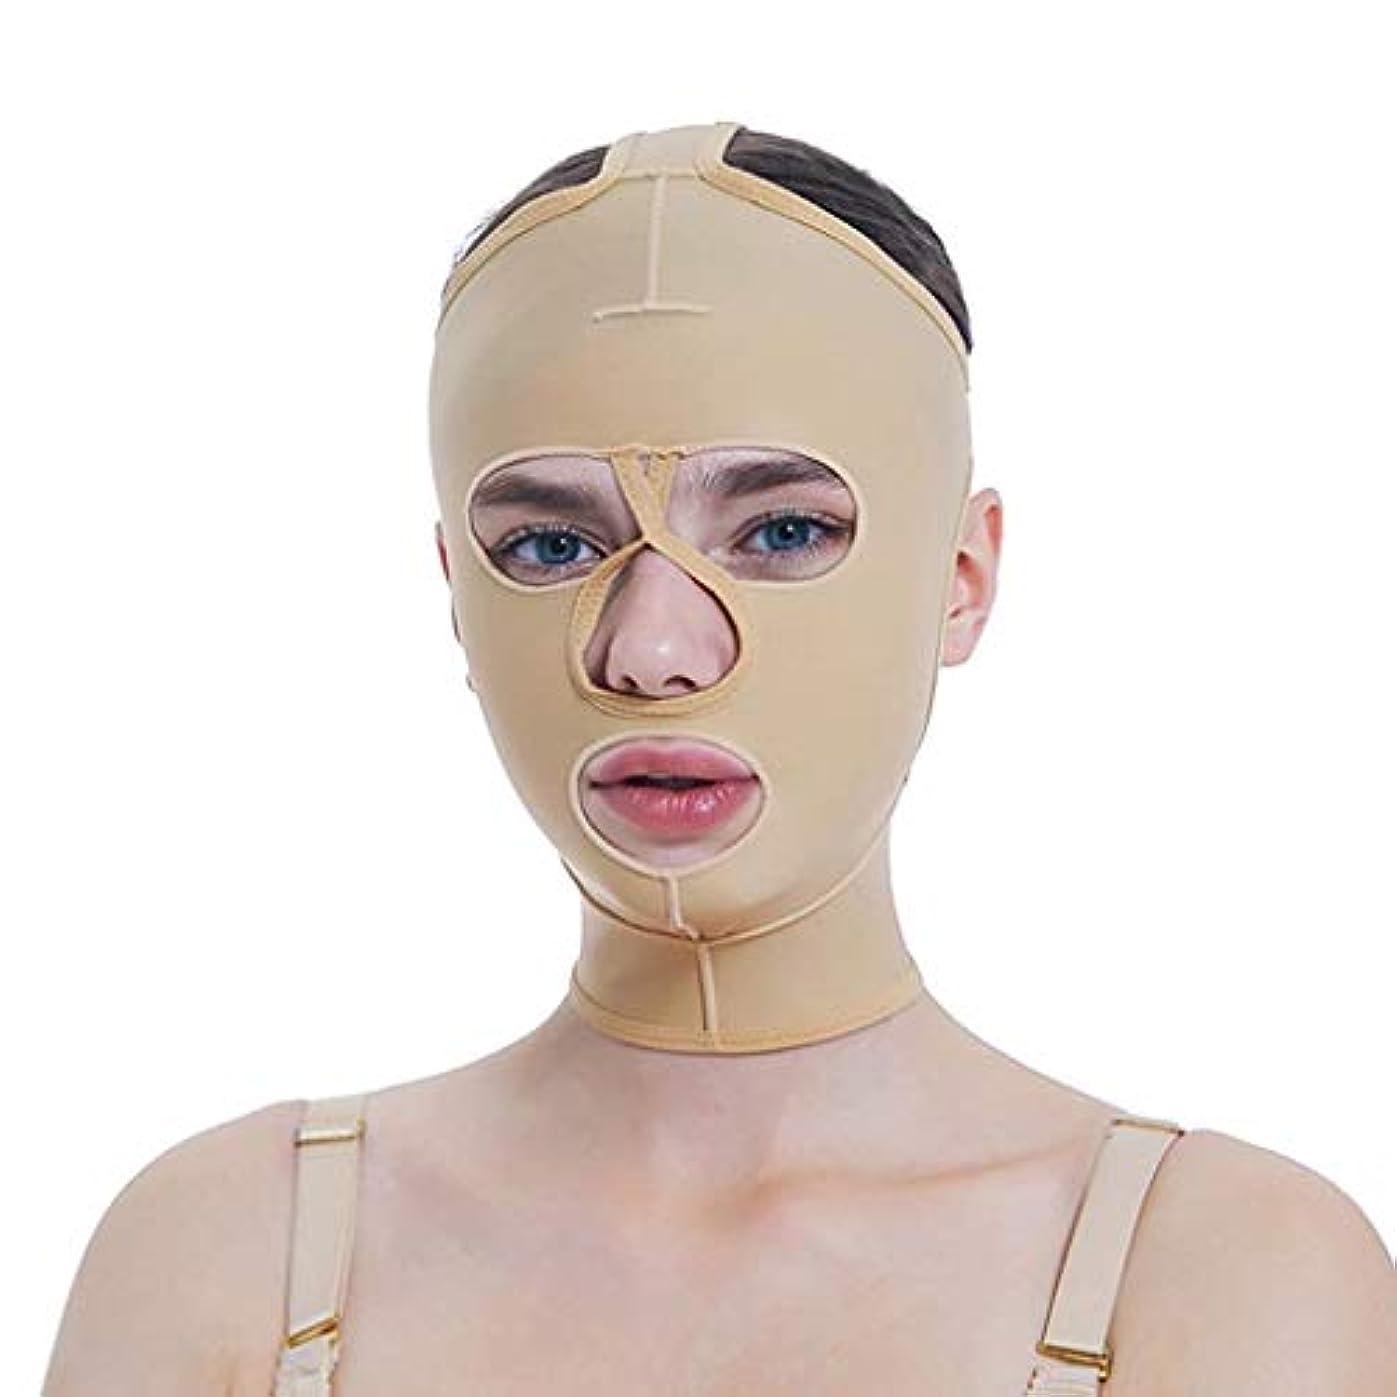 職業ファセット殺します脂肪吸引術用成形マスク、薄手かつらVフェイスビームフェイス弾性スリーブマルチサイズオプション(サイズ:S)